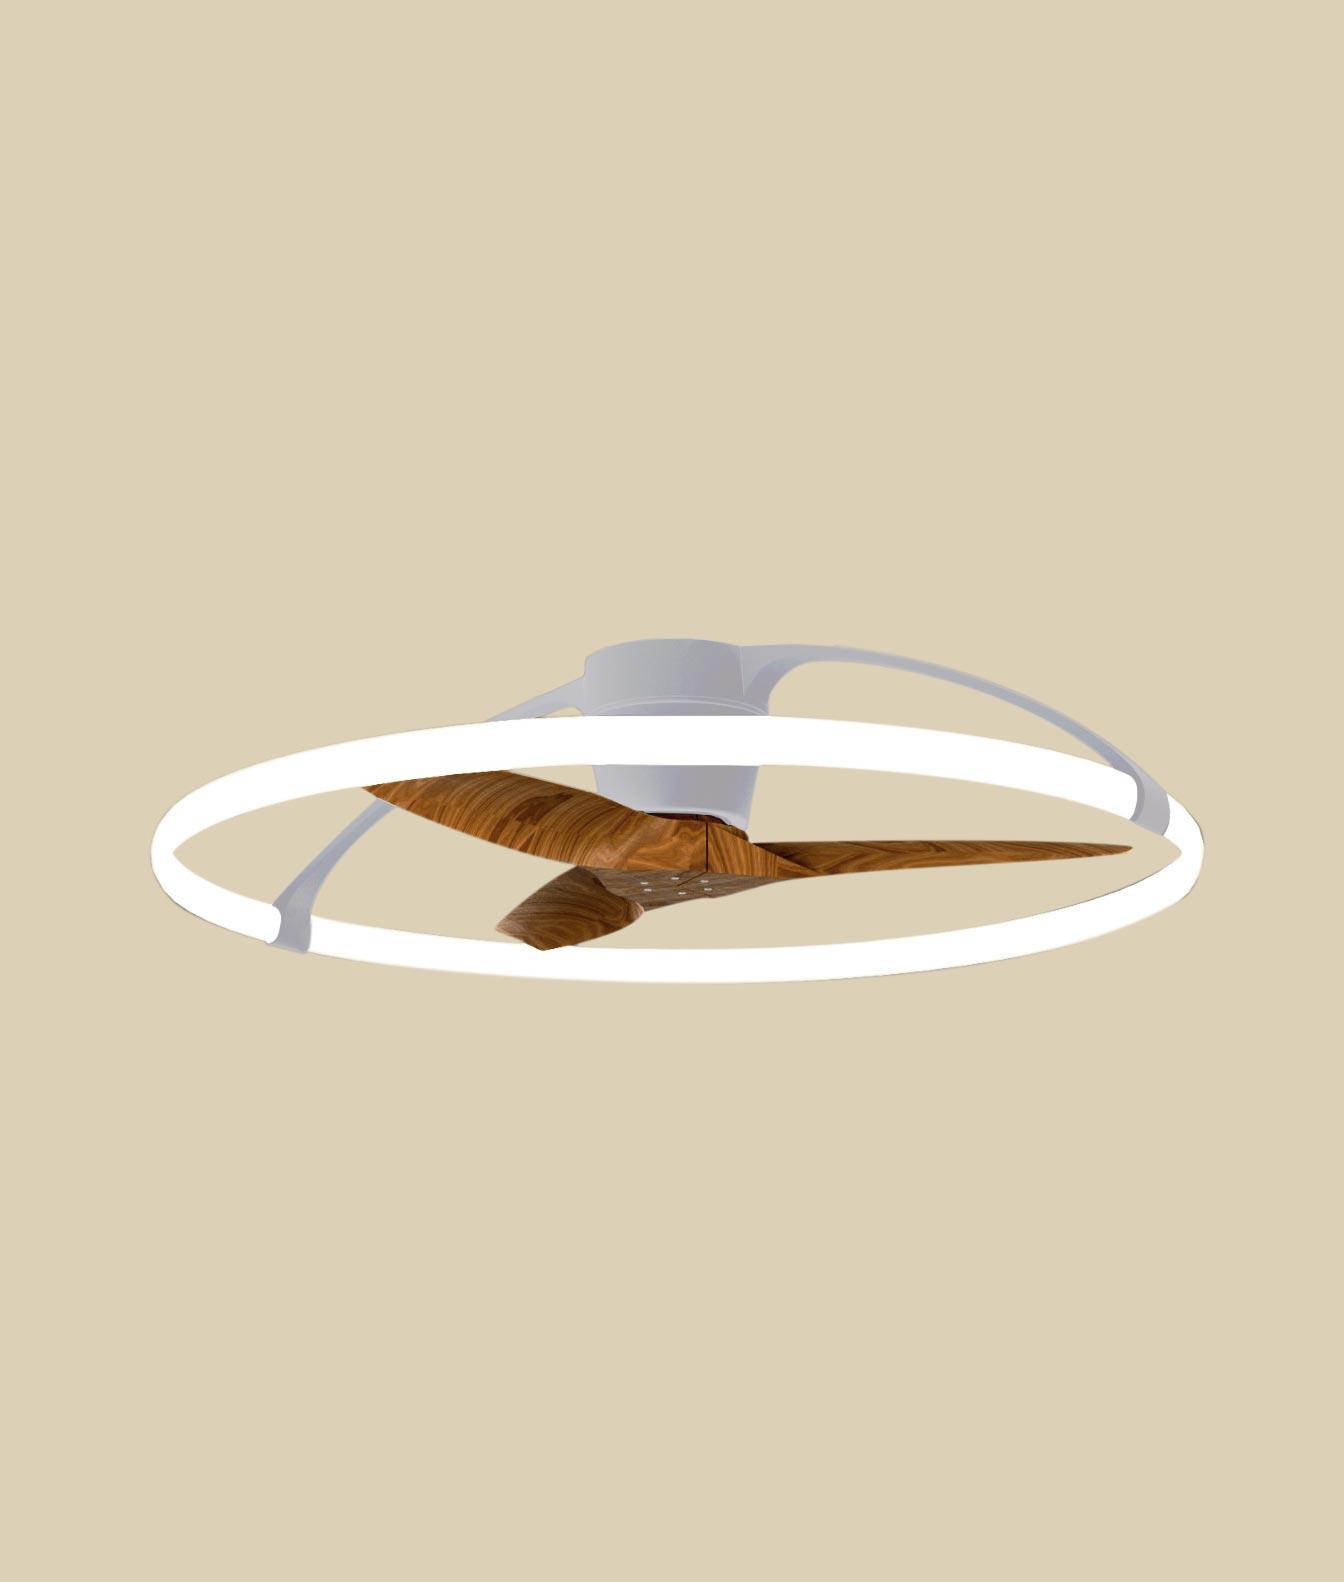 ventiladores inteligentes: NEPAL Plata y nogal Ø 104 cm 1